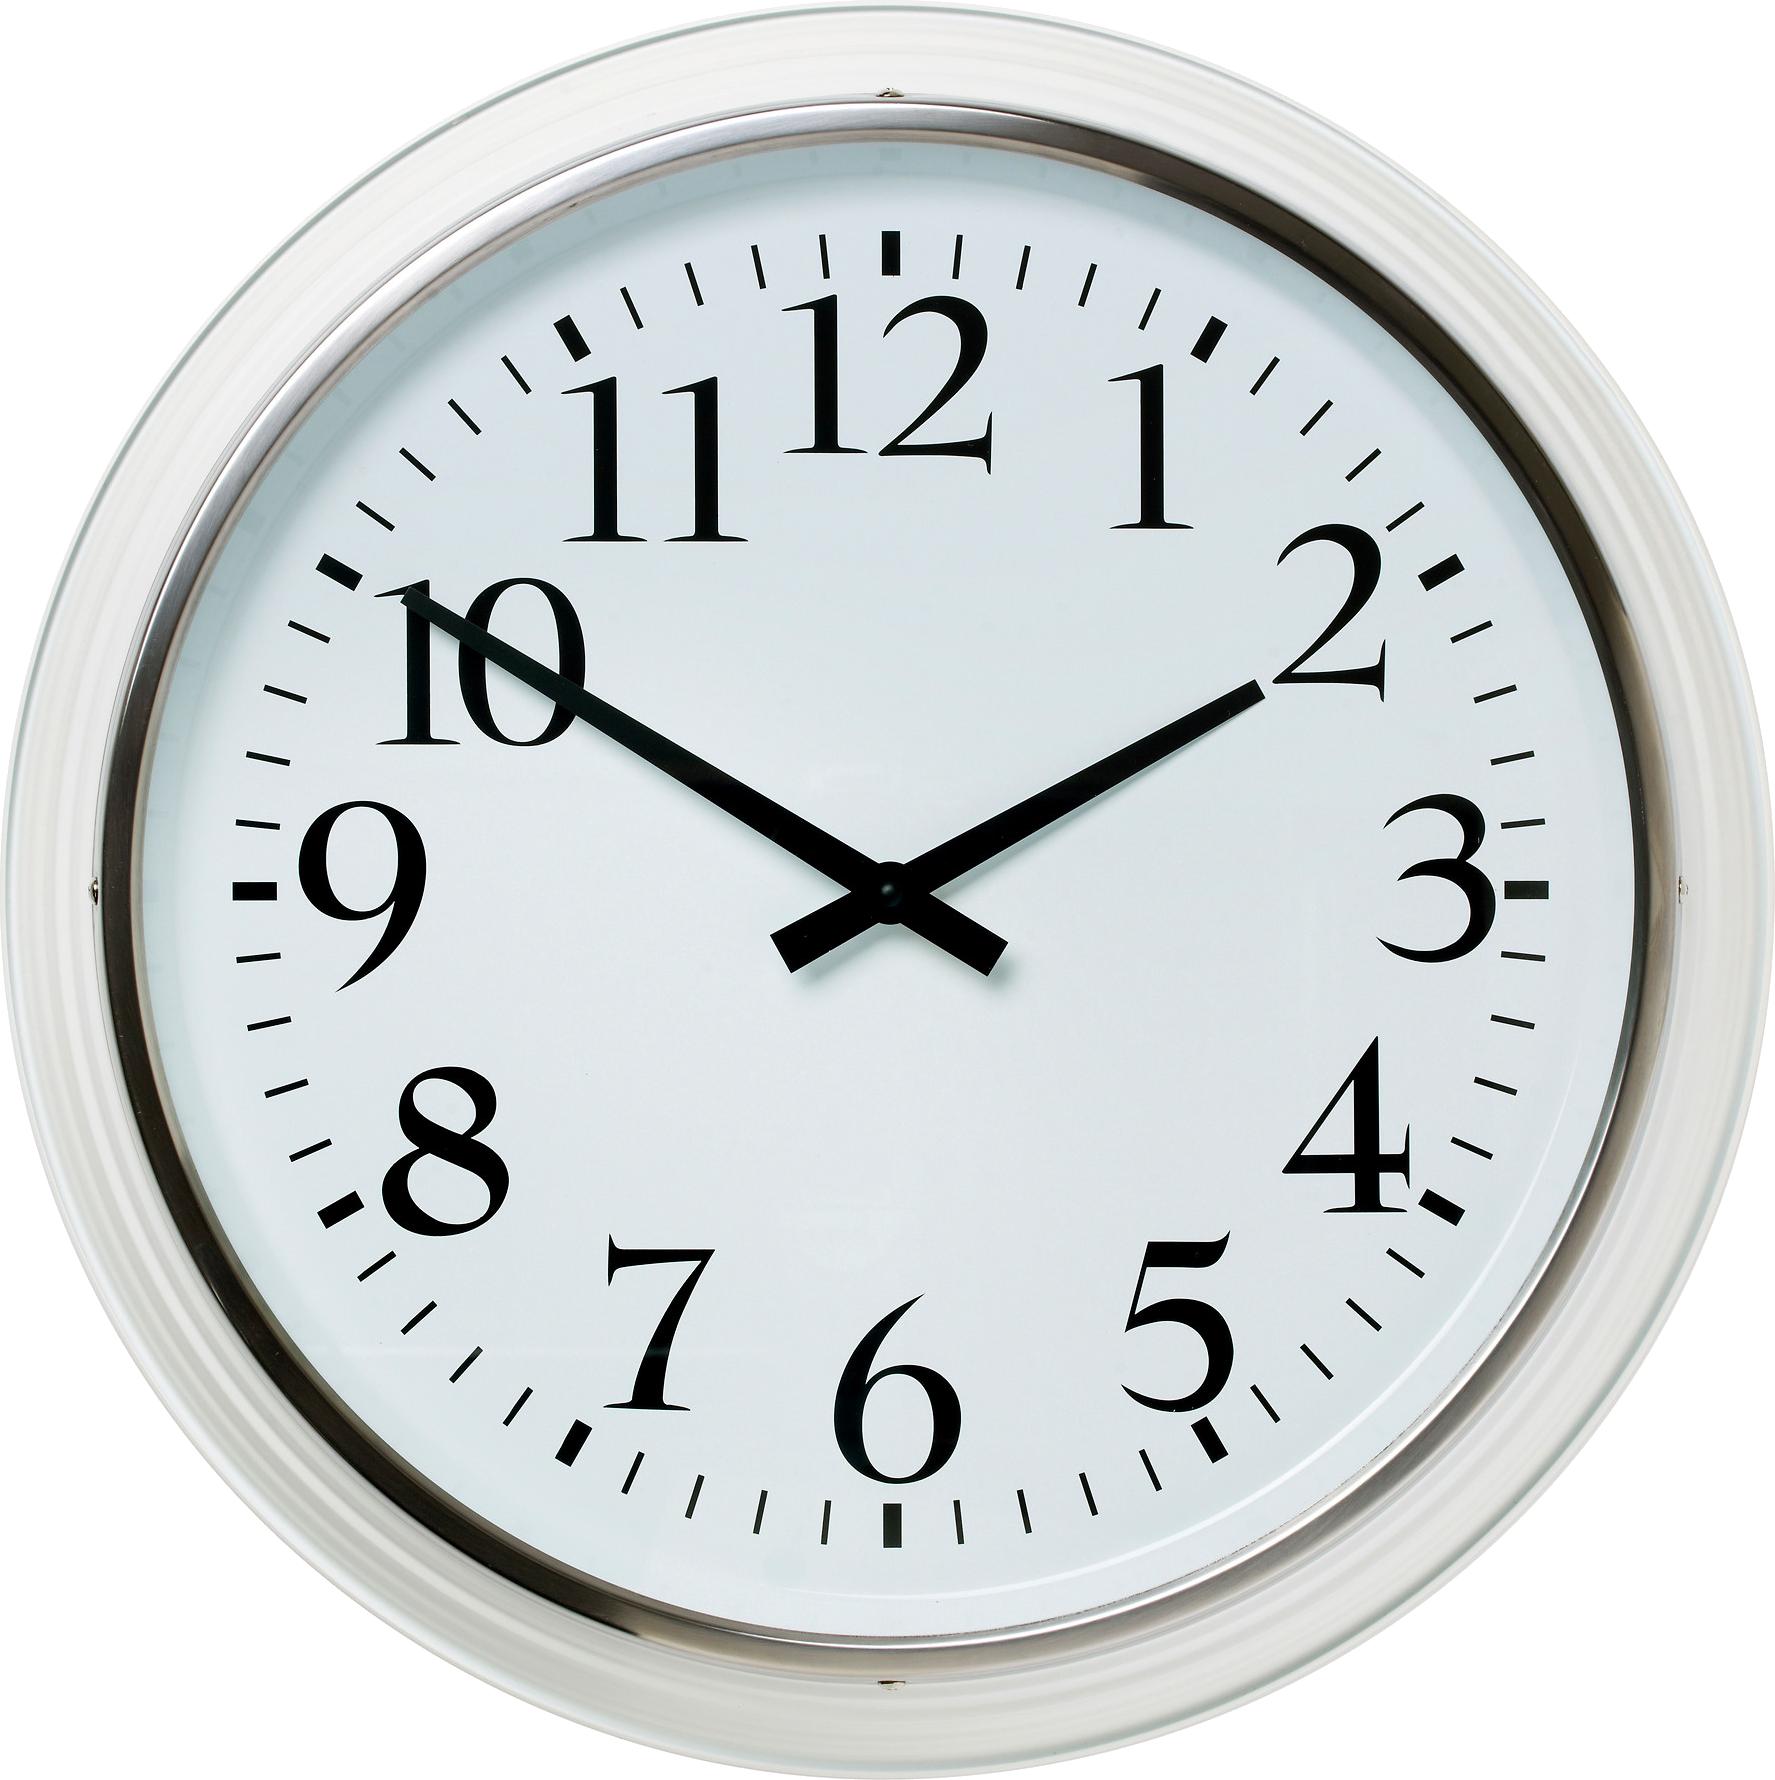 Wall clock PNG image - Clock PNG